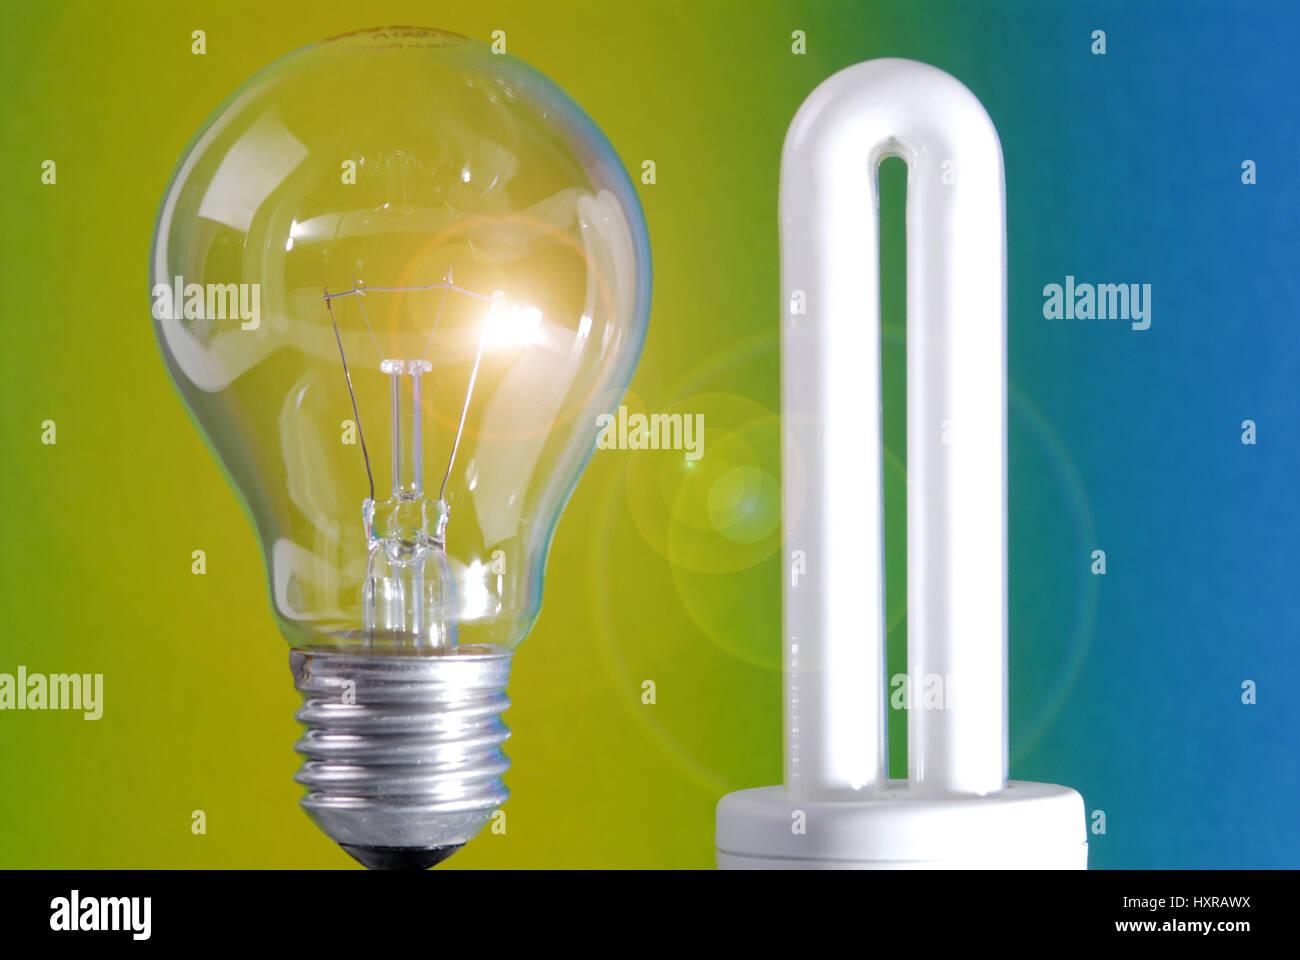 Electric Light Bulb, Electric Light Bulbs, Light Bulb, Light Bulbs, Normal,  Classical, Energy Savings Lamp, Energy Savings Lamps, Lamp, Lamps, Light,